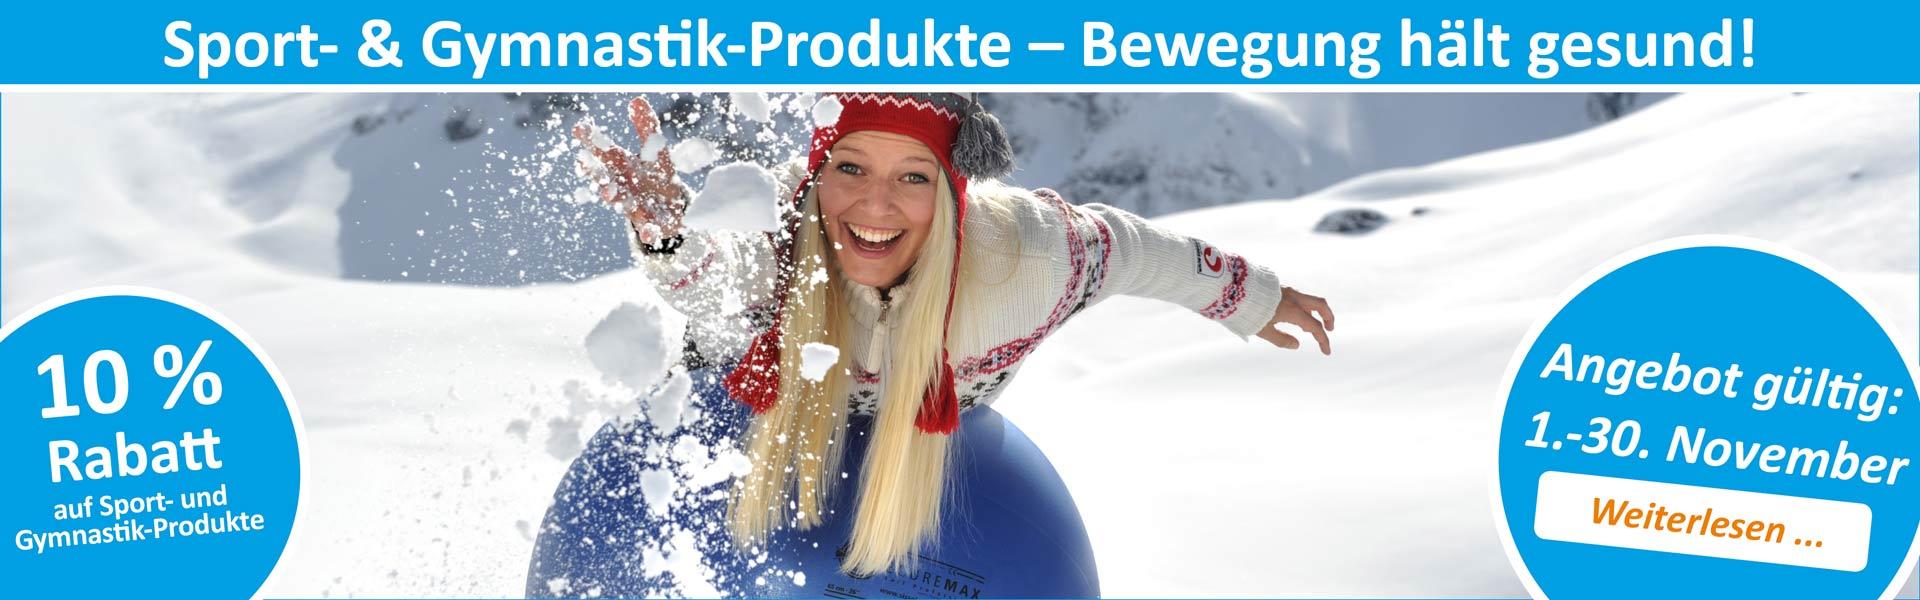 Sanitätshaus Lappe - Rabattaktion November 2019 - Sport- und Gymnastikprodukte